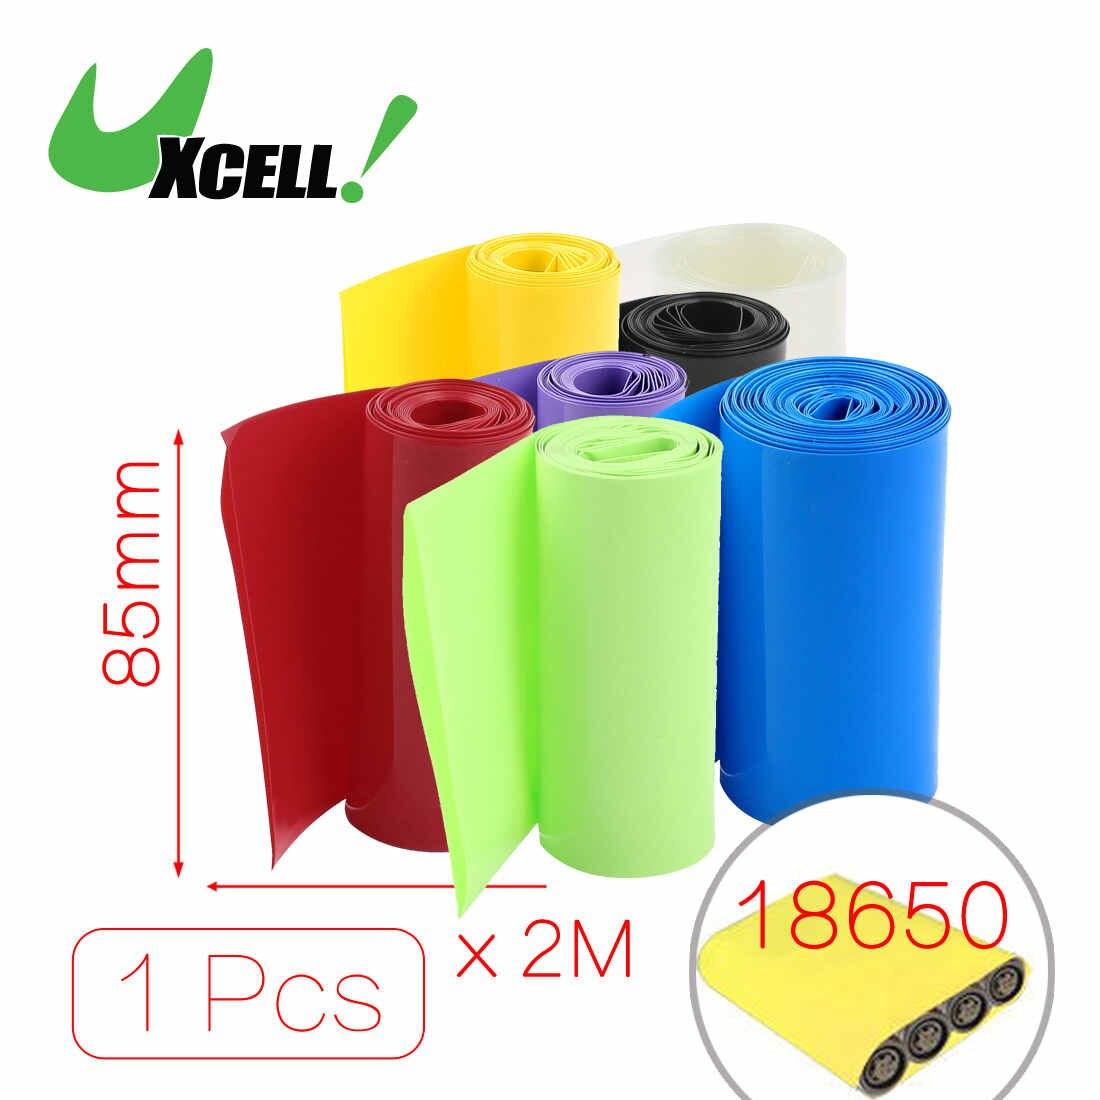 Uxcell 2 метров 85 мм Ширина ПВХ термоусадочная Обёрточная бумага трубка Синий для 18650 Батарея пакет. | Черный | синий | ясно | Зеленый | Фиолетовый |…